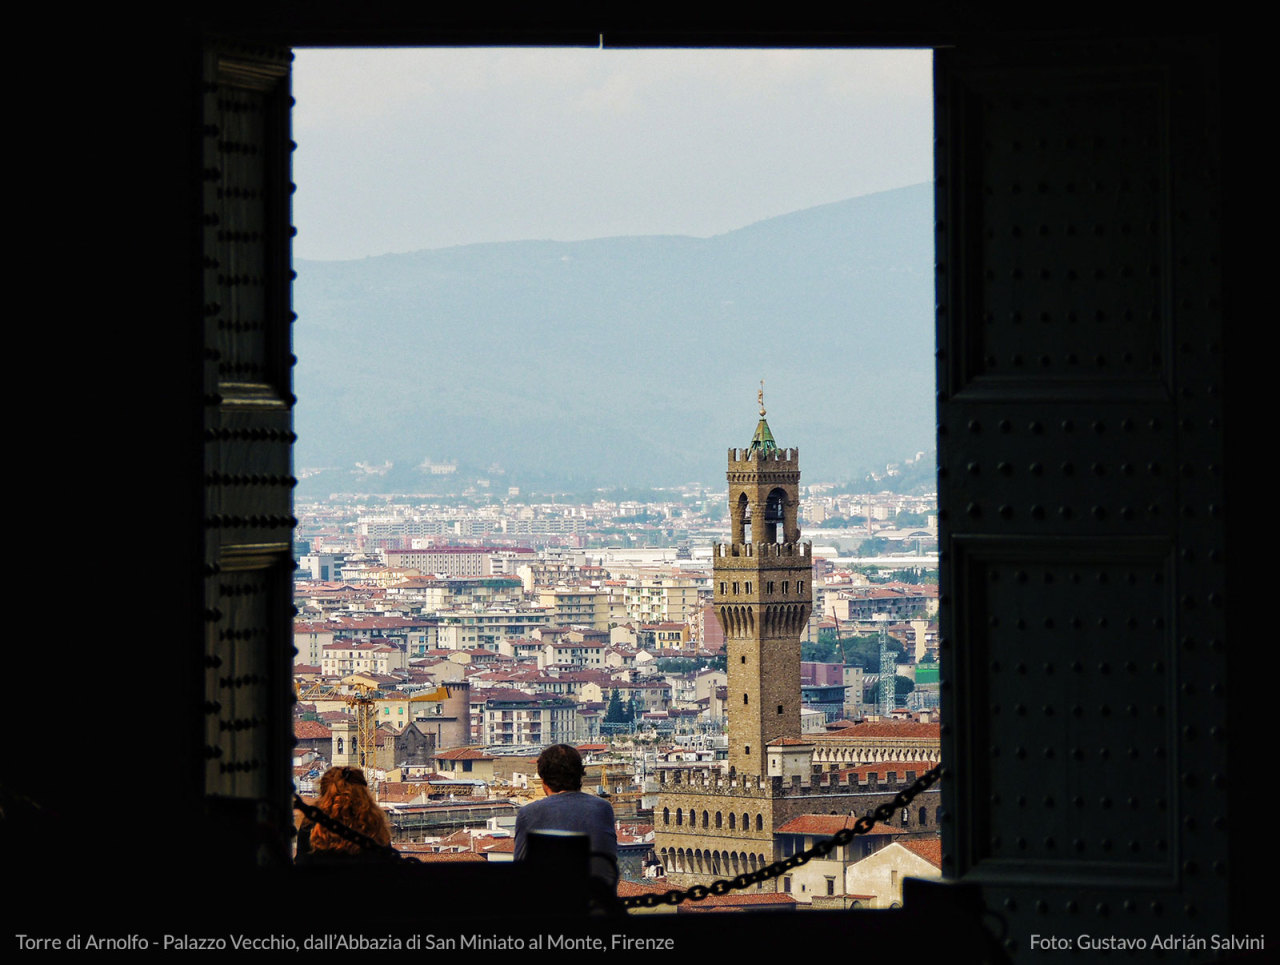 Torre di Arnolfo - Palazzo Vecchio, Firenze. Vista dallAbbazia di San Miniato al Monte